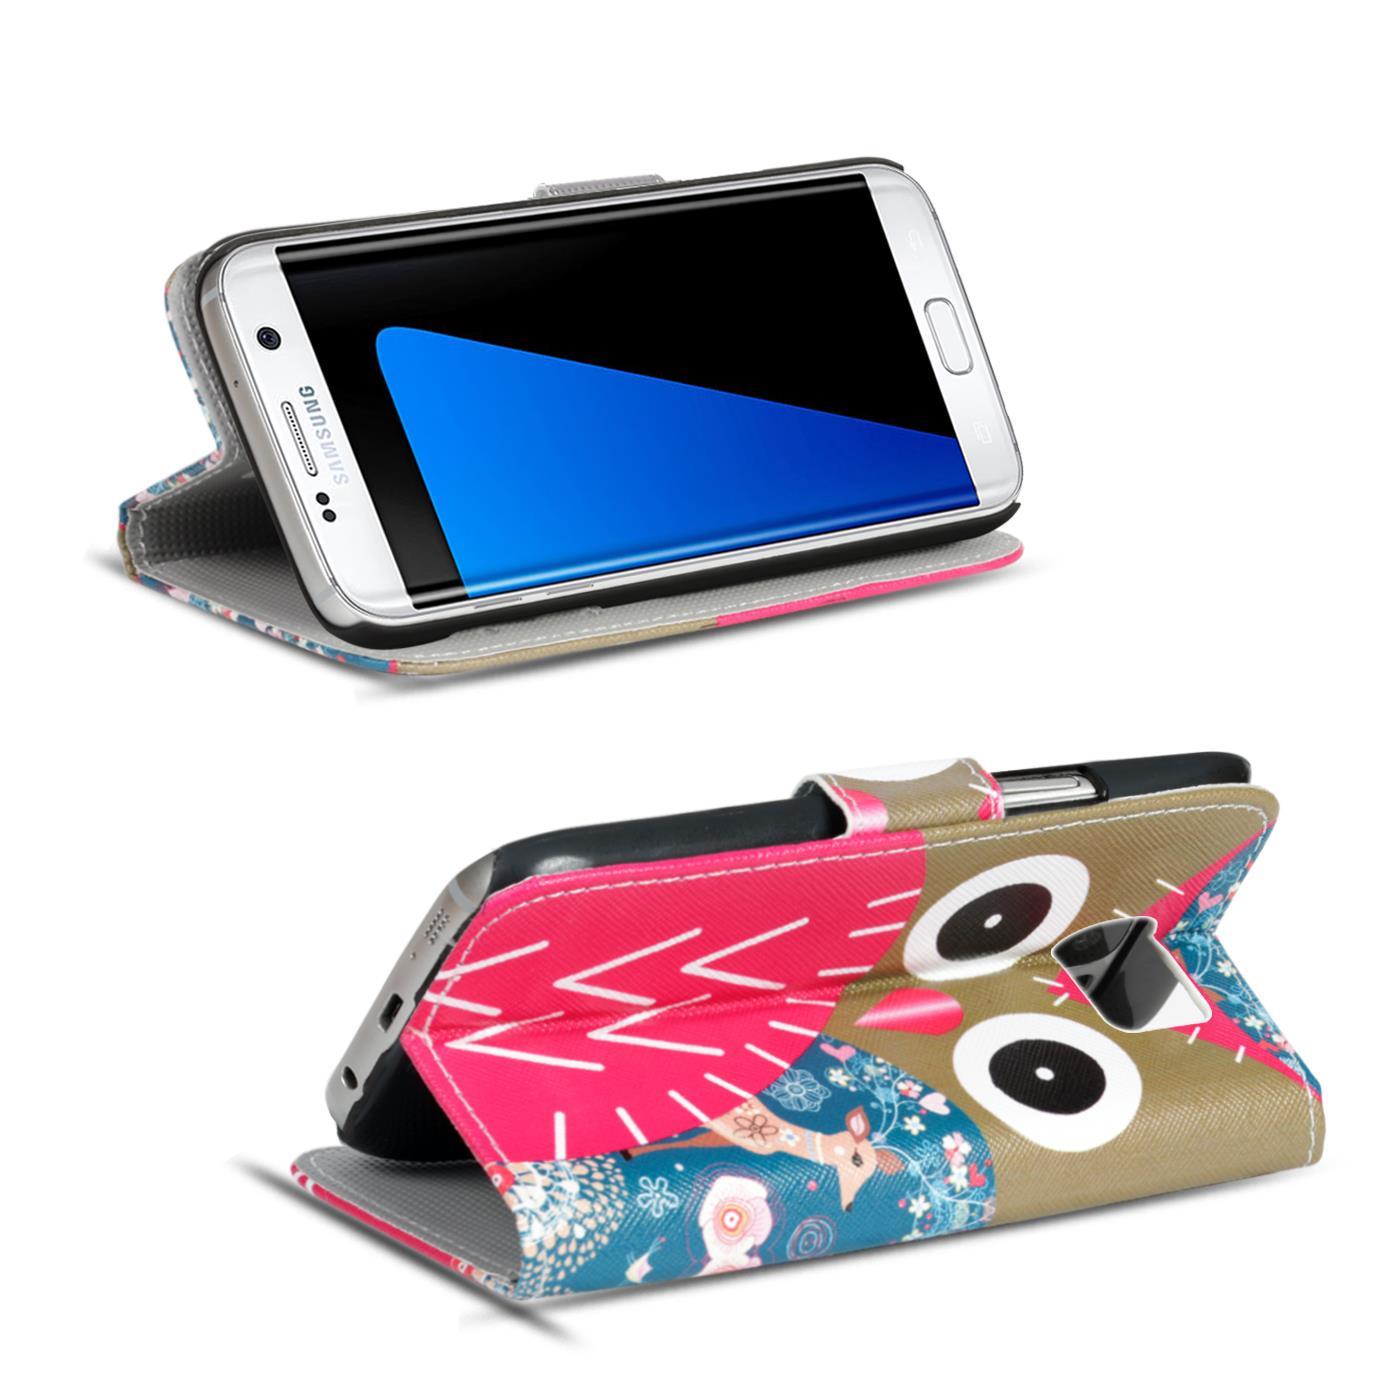 Schutz-Huelle-fuer-Samsung-Galaxy-Handy-Tasche-Flip-Cover-Wallet-Etui-Case-Schale Indexbild 39